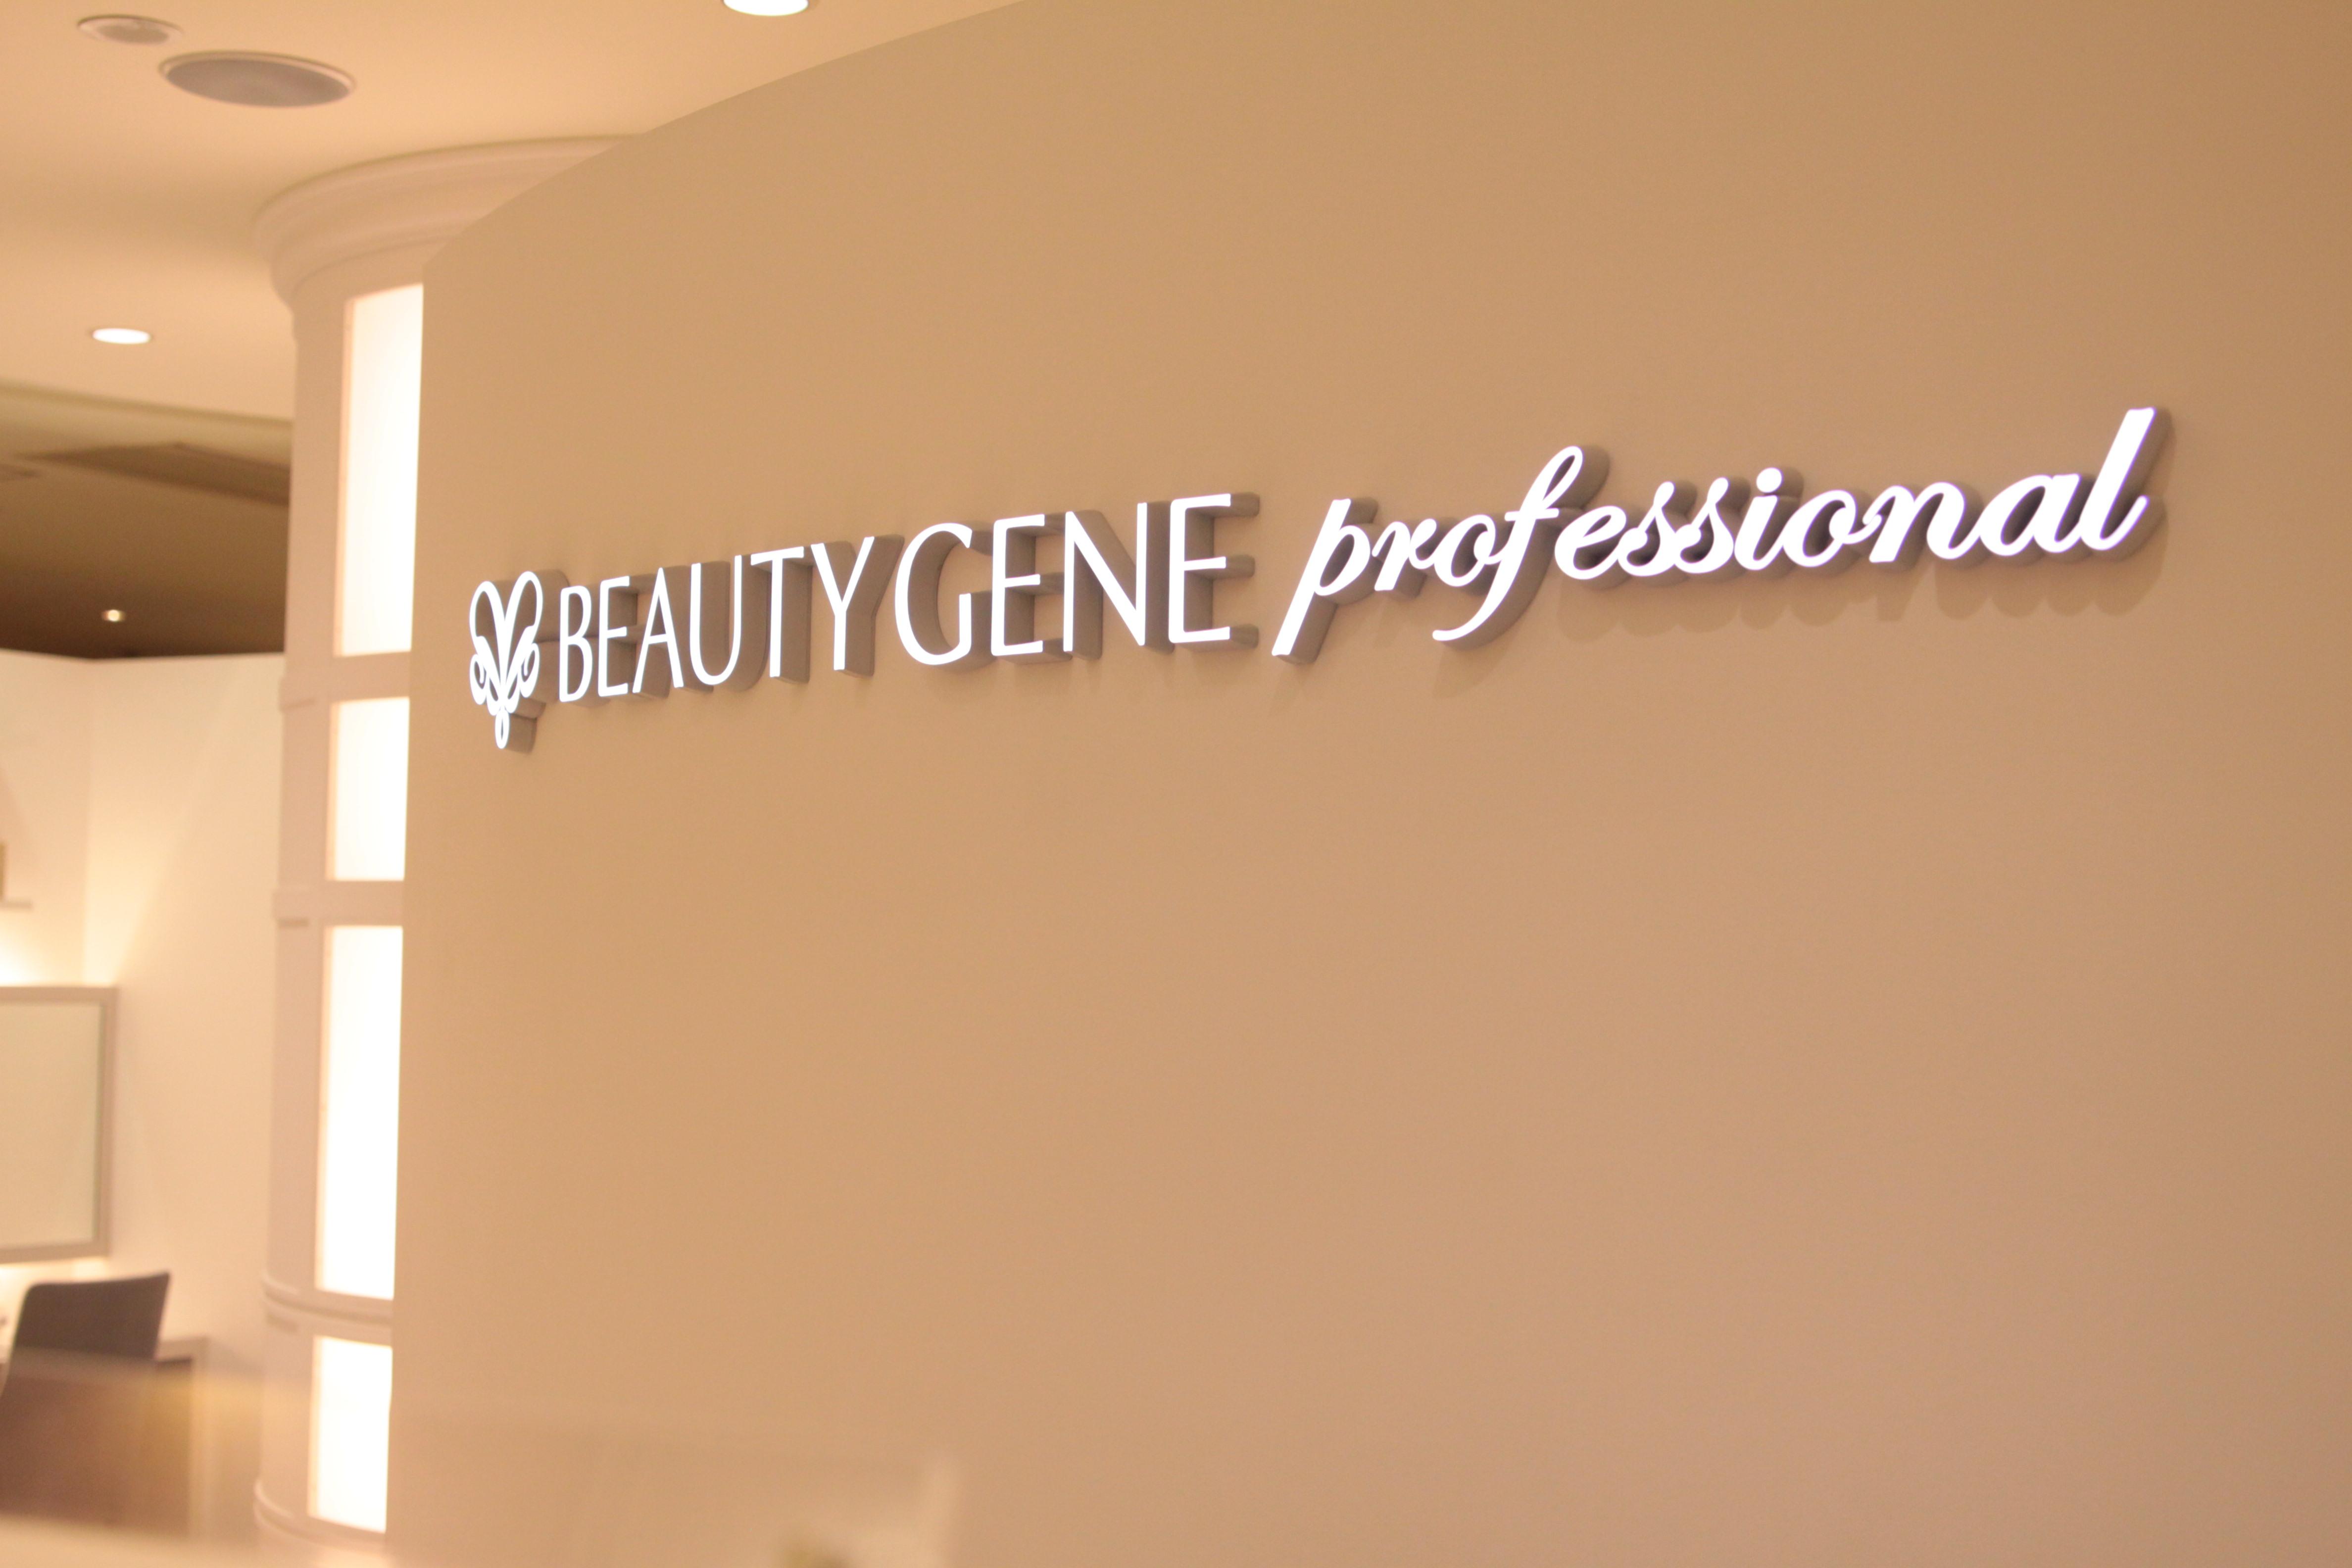 11の美容サロンが集結。松坂屋『シスセット』でトータルビューティーを! - beautygene 1